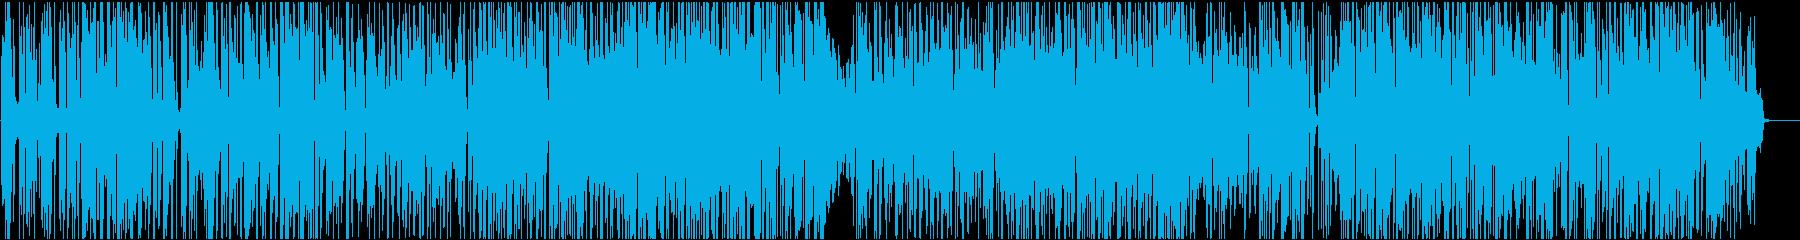 オープニングBGM印象大の爽やかファンクの再生済みの波形